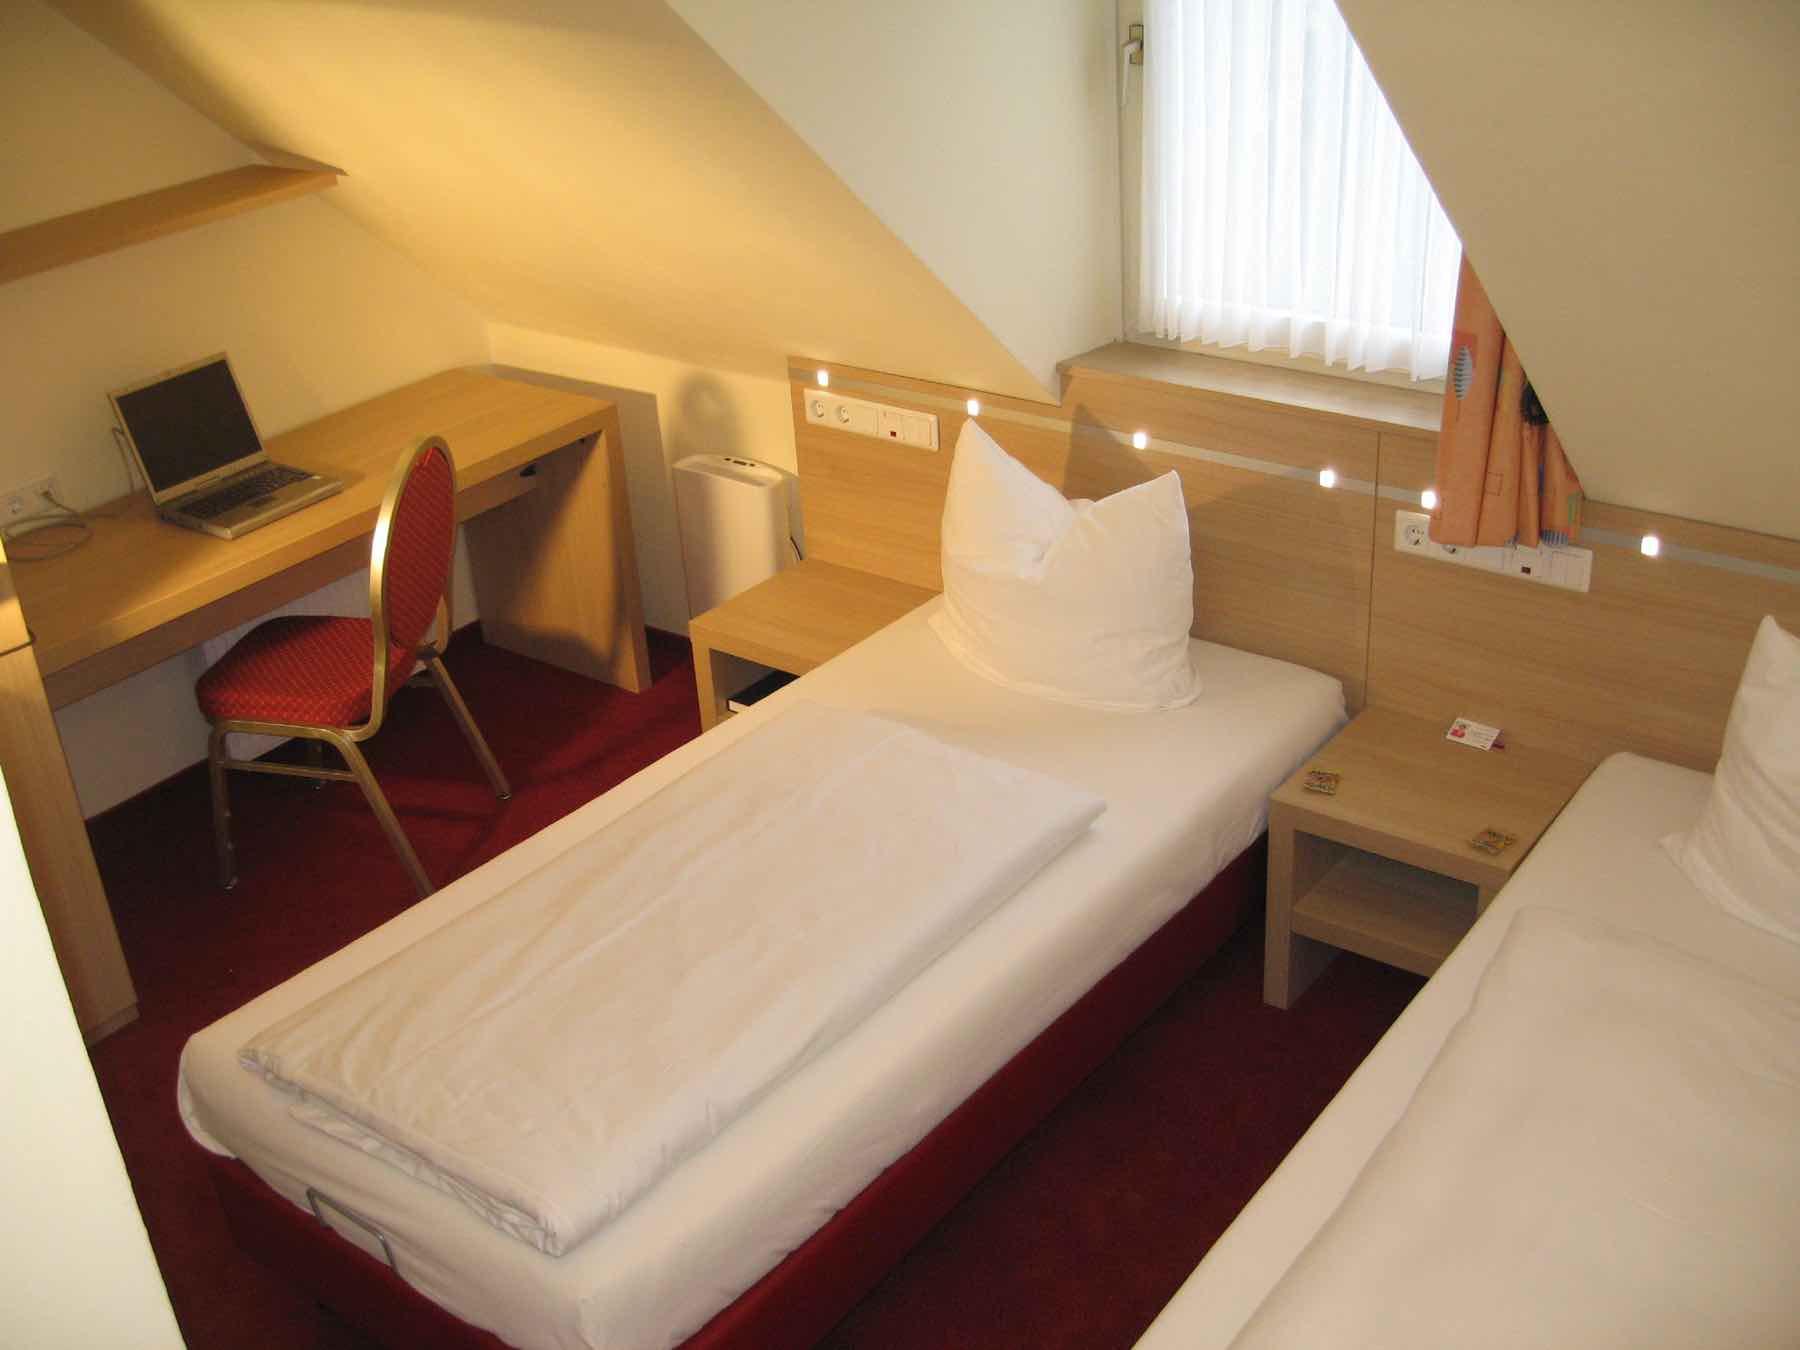 Koblenz: hier finden sie günstige Zimmer - Hotel in Koblenz